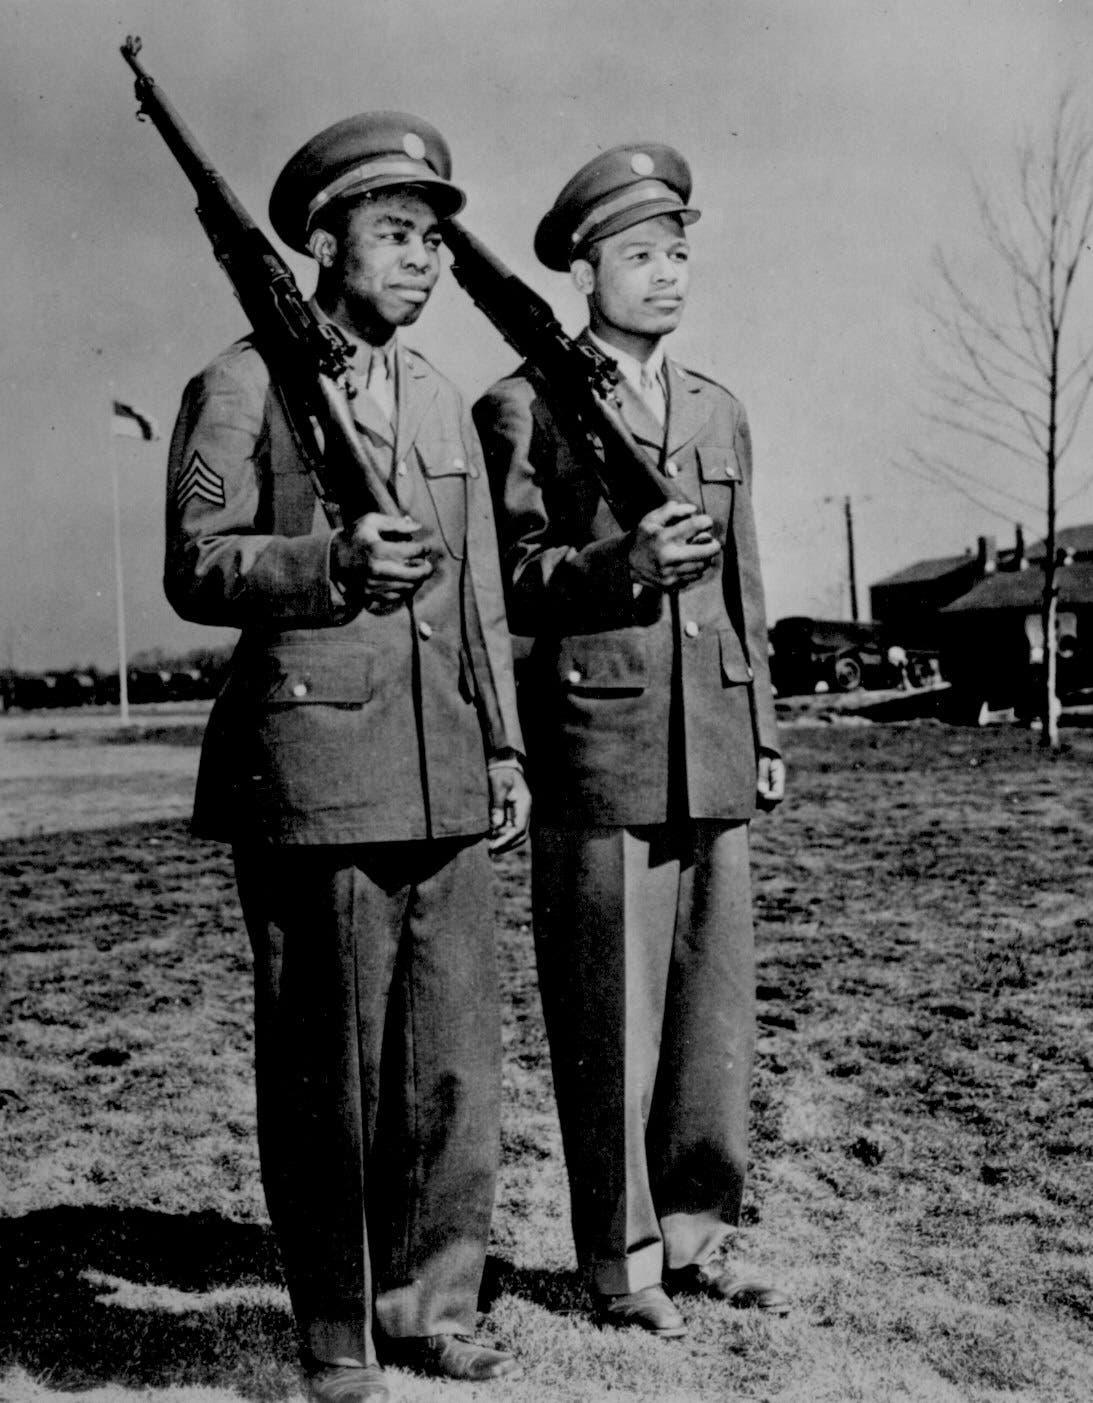 صورة لجنود سود شاركوا بالحرب العالمية الثانية